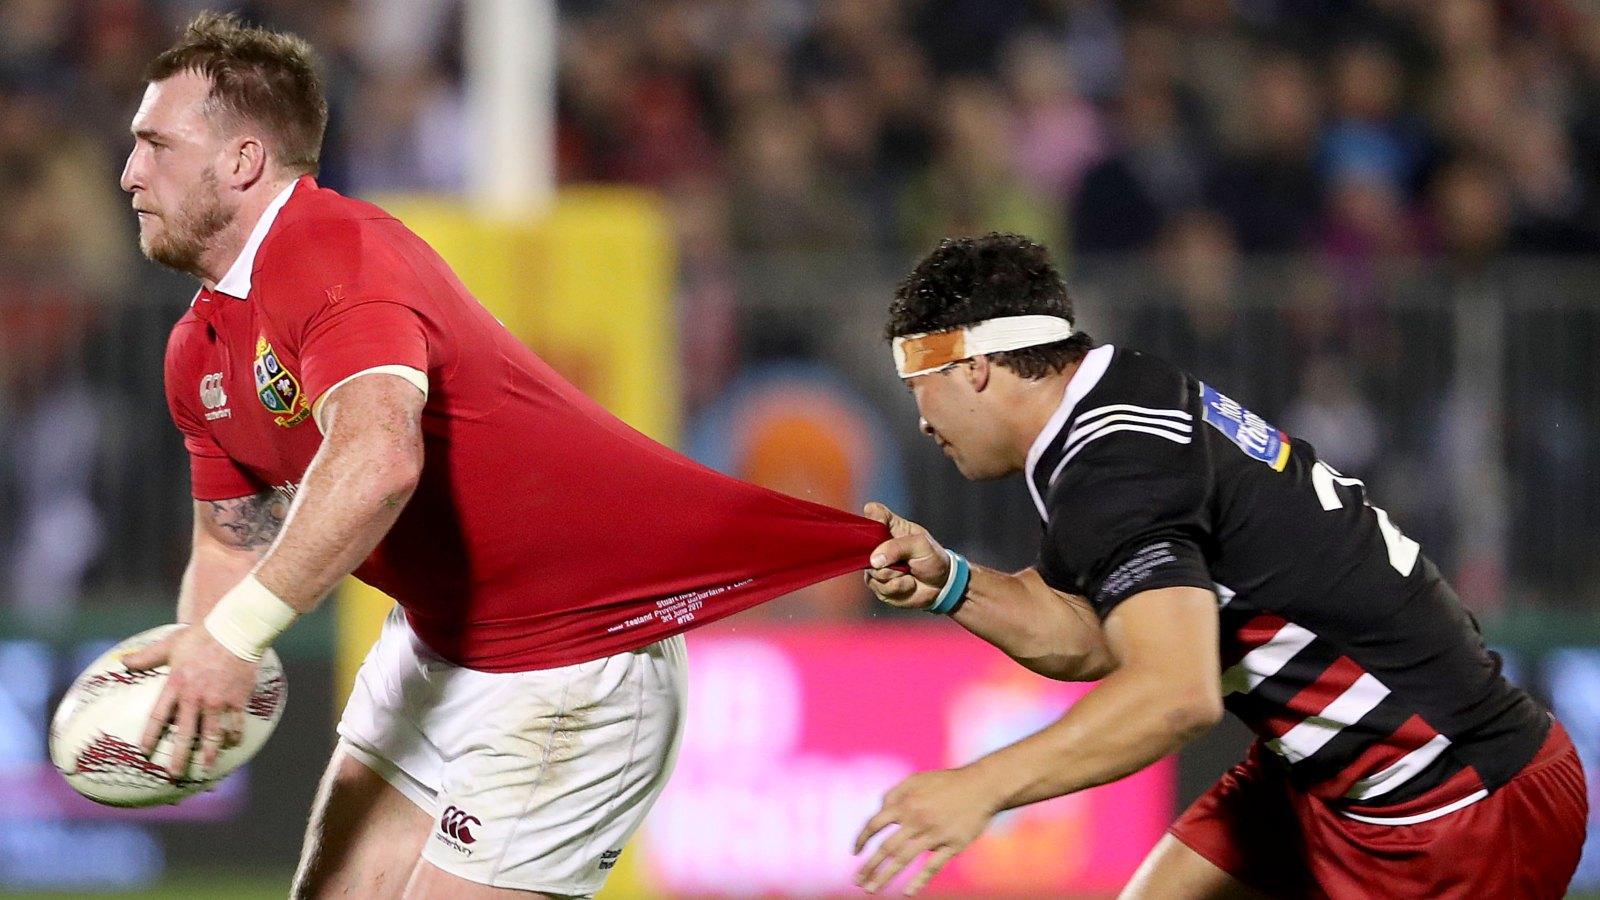 Hogg set to star as Scotland prepare for Italy